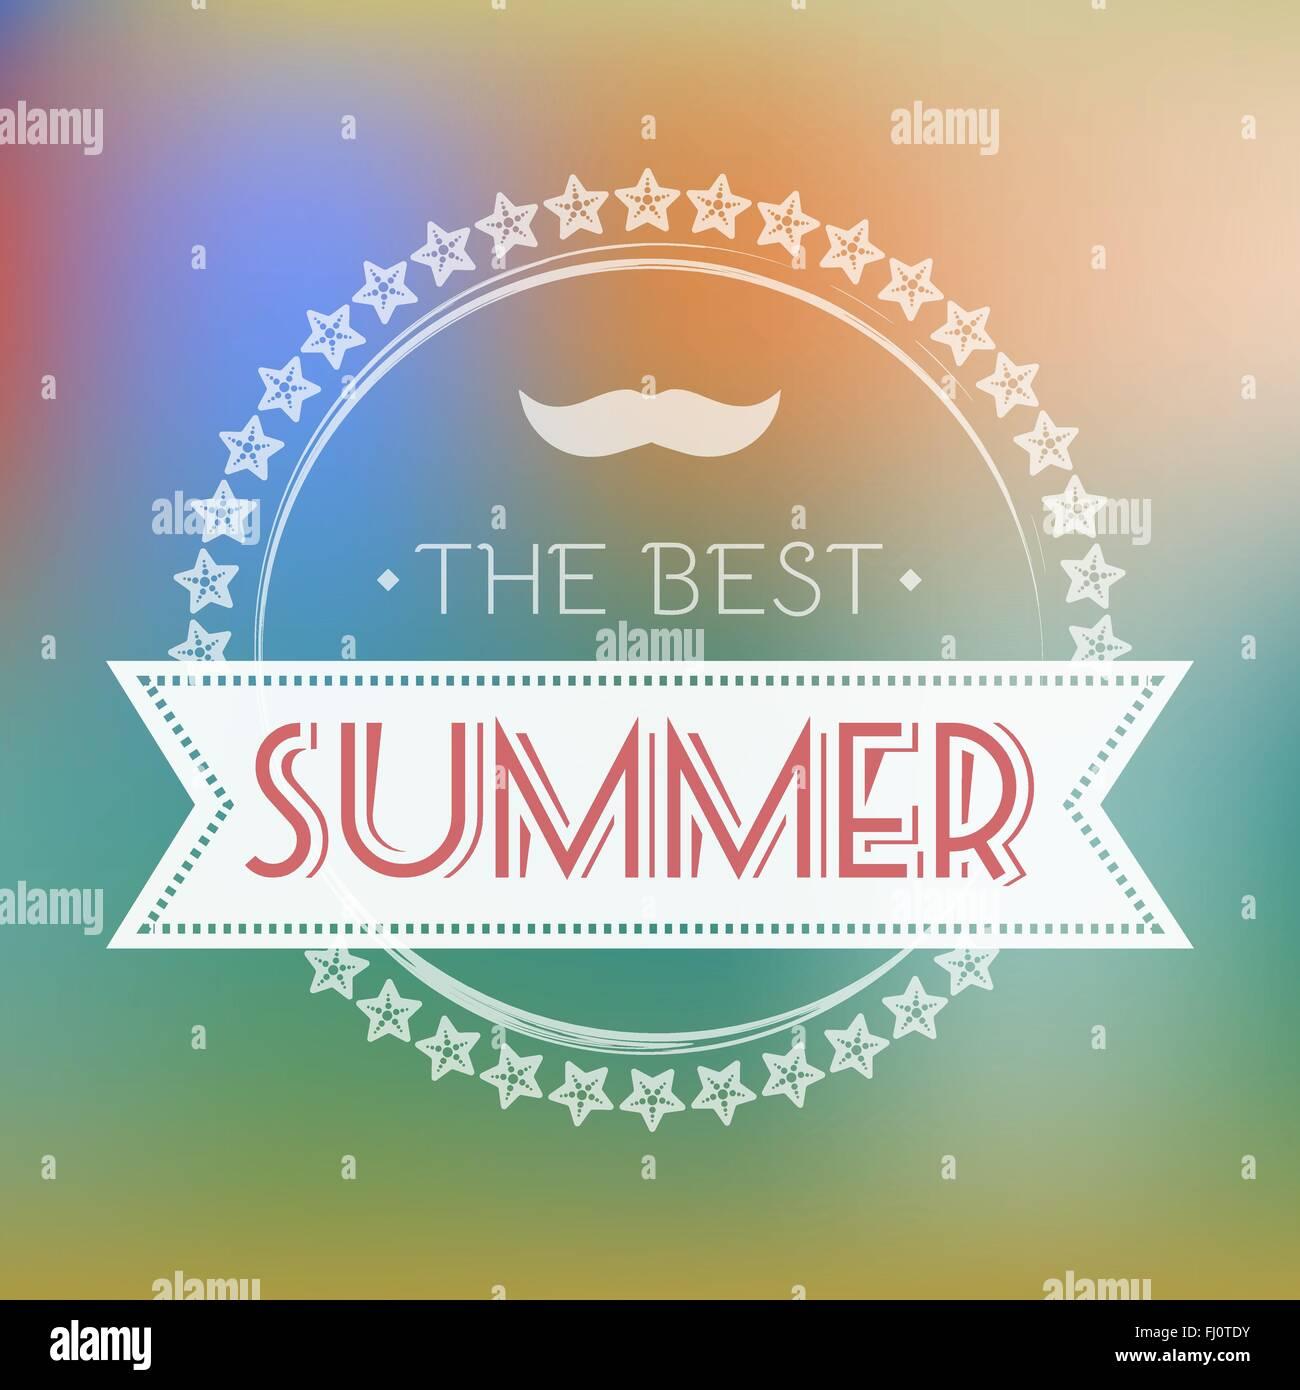 Besten Sommer-Flyer-Vektor-Illustration. Urlaub Hot Vacation Card ...